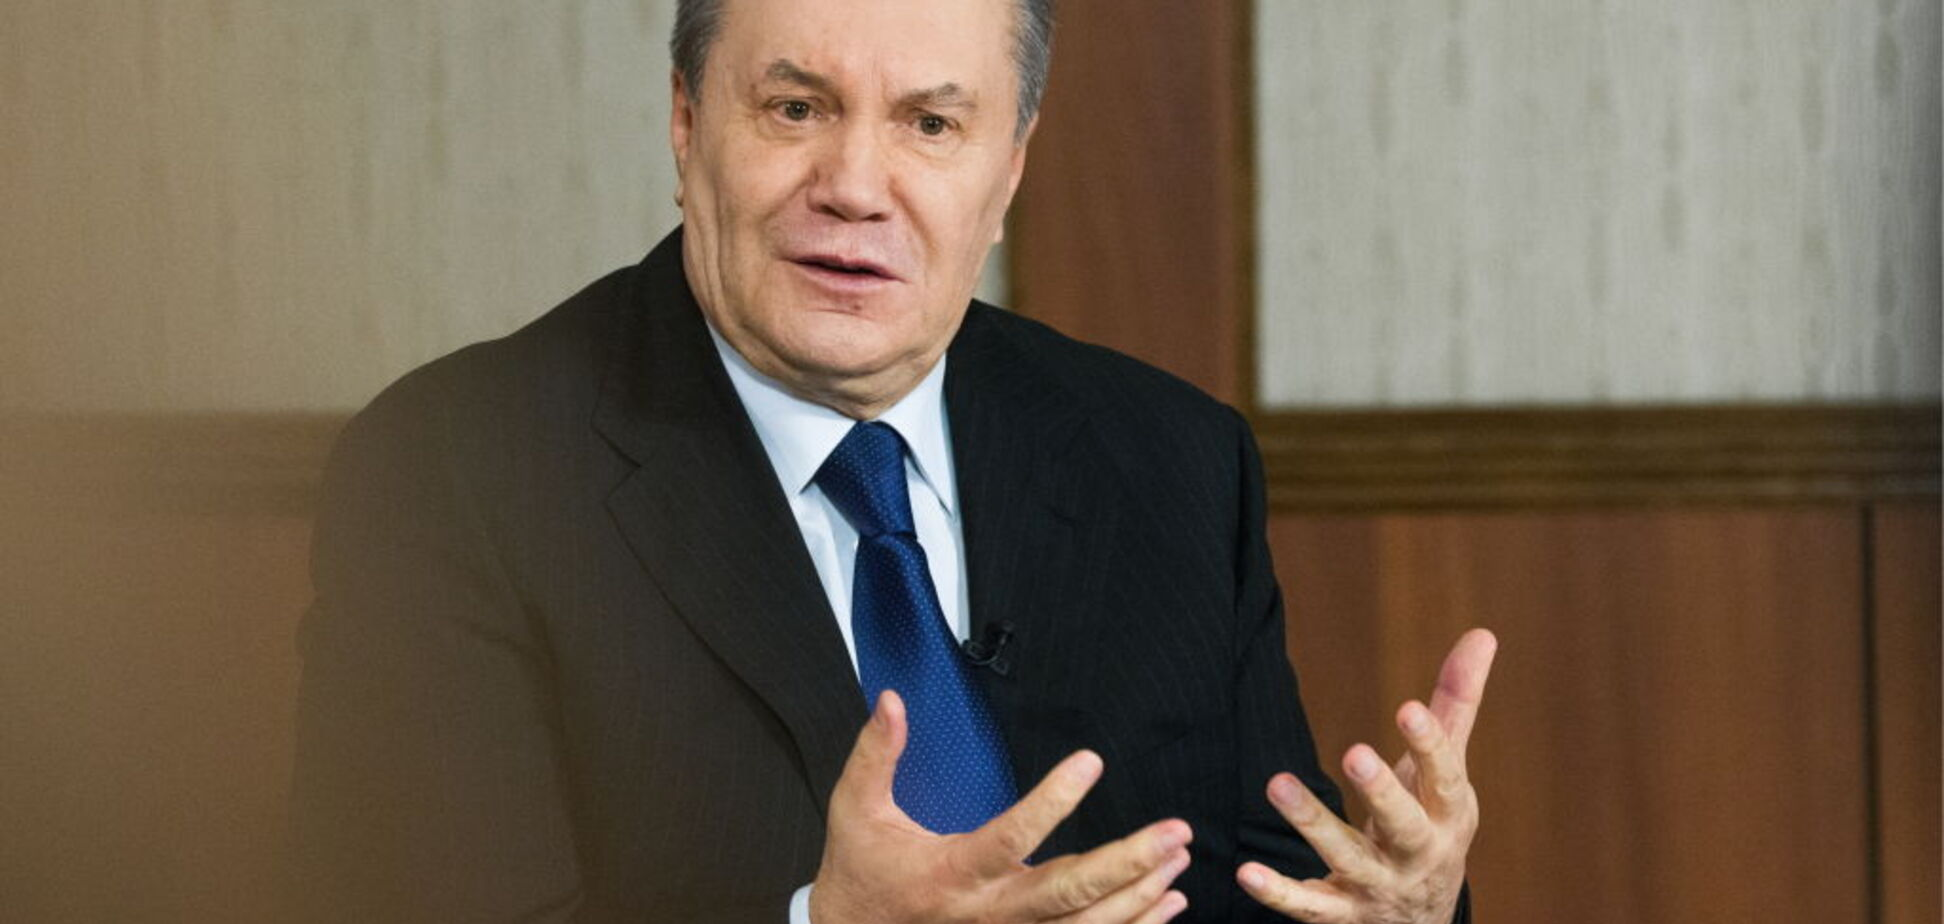 Узурпація влади: ГПУ оголосила про підозру Януковичу і Лавриновичу